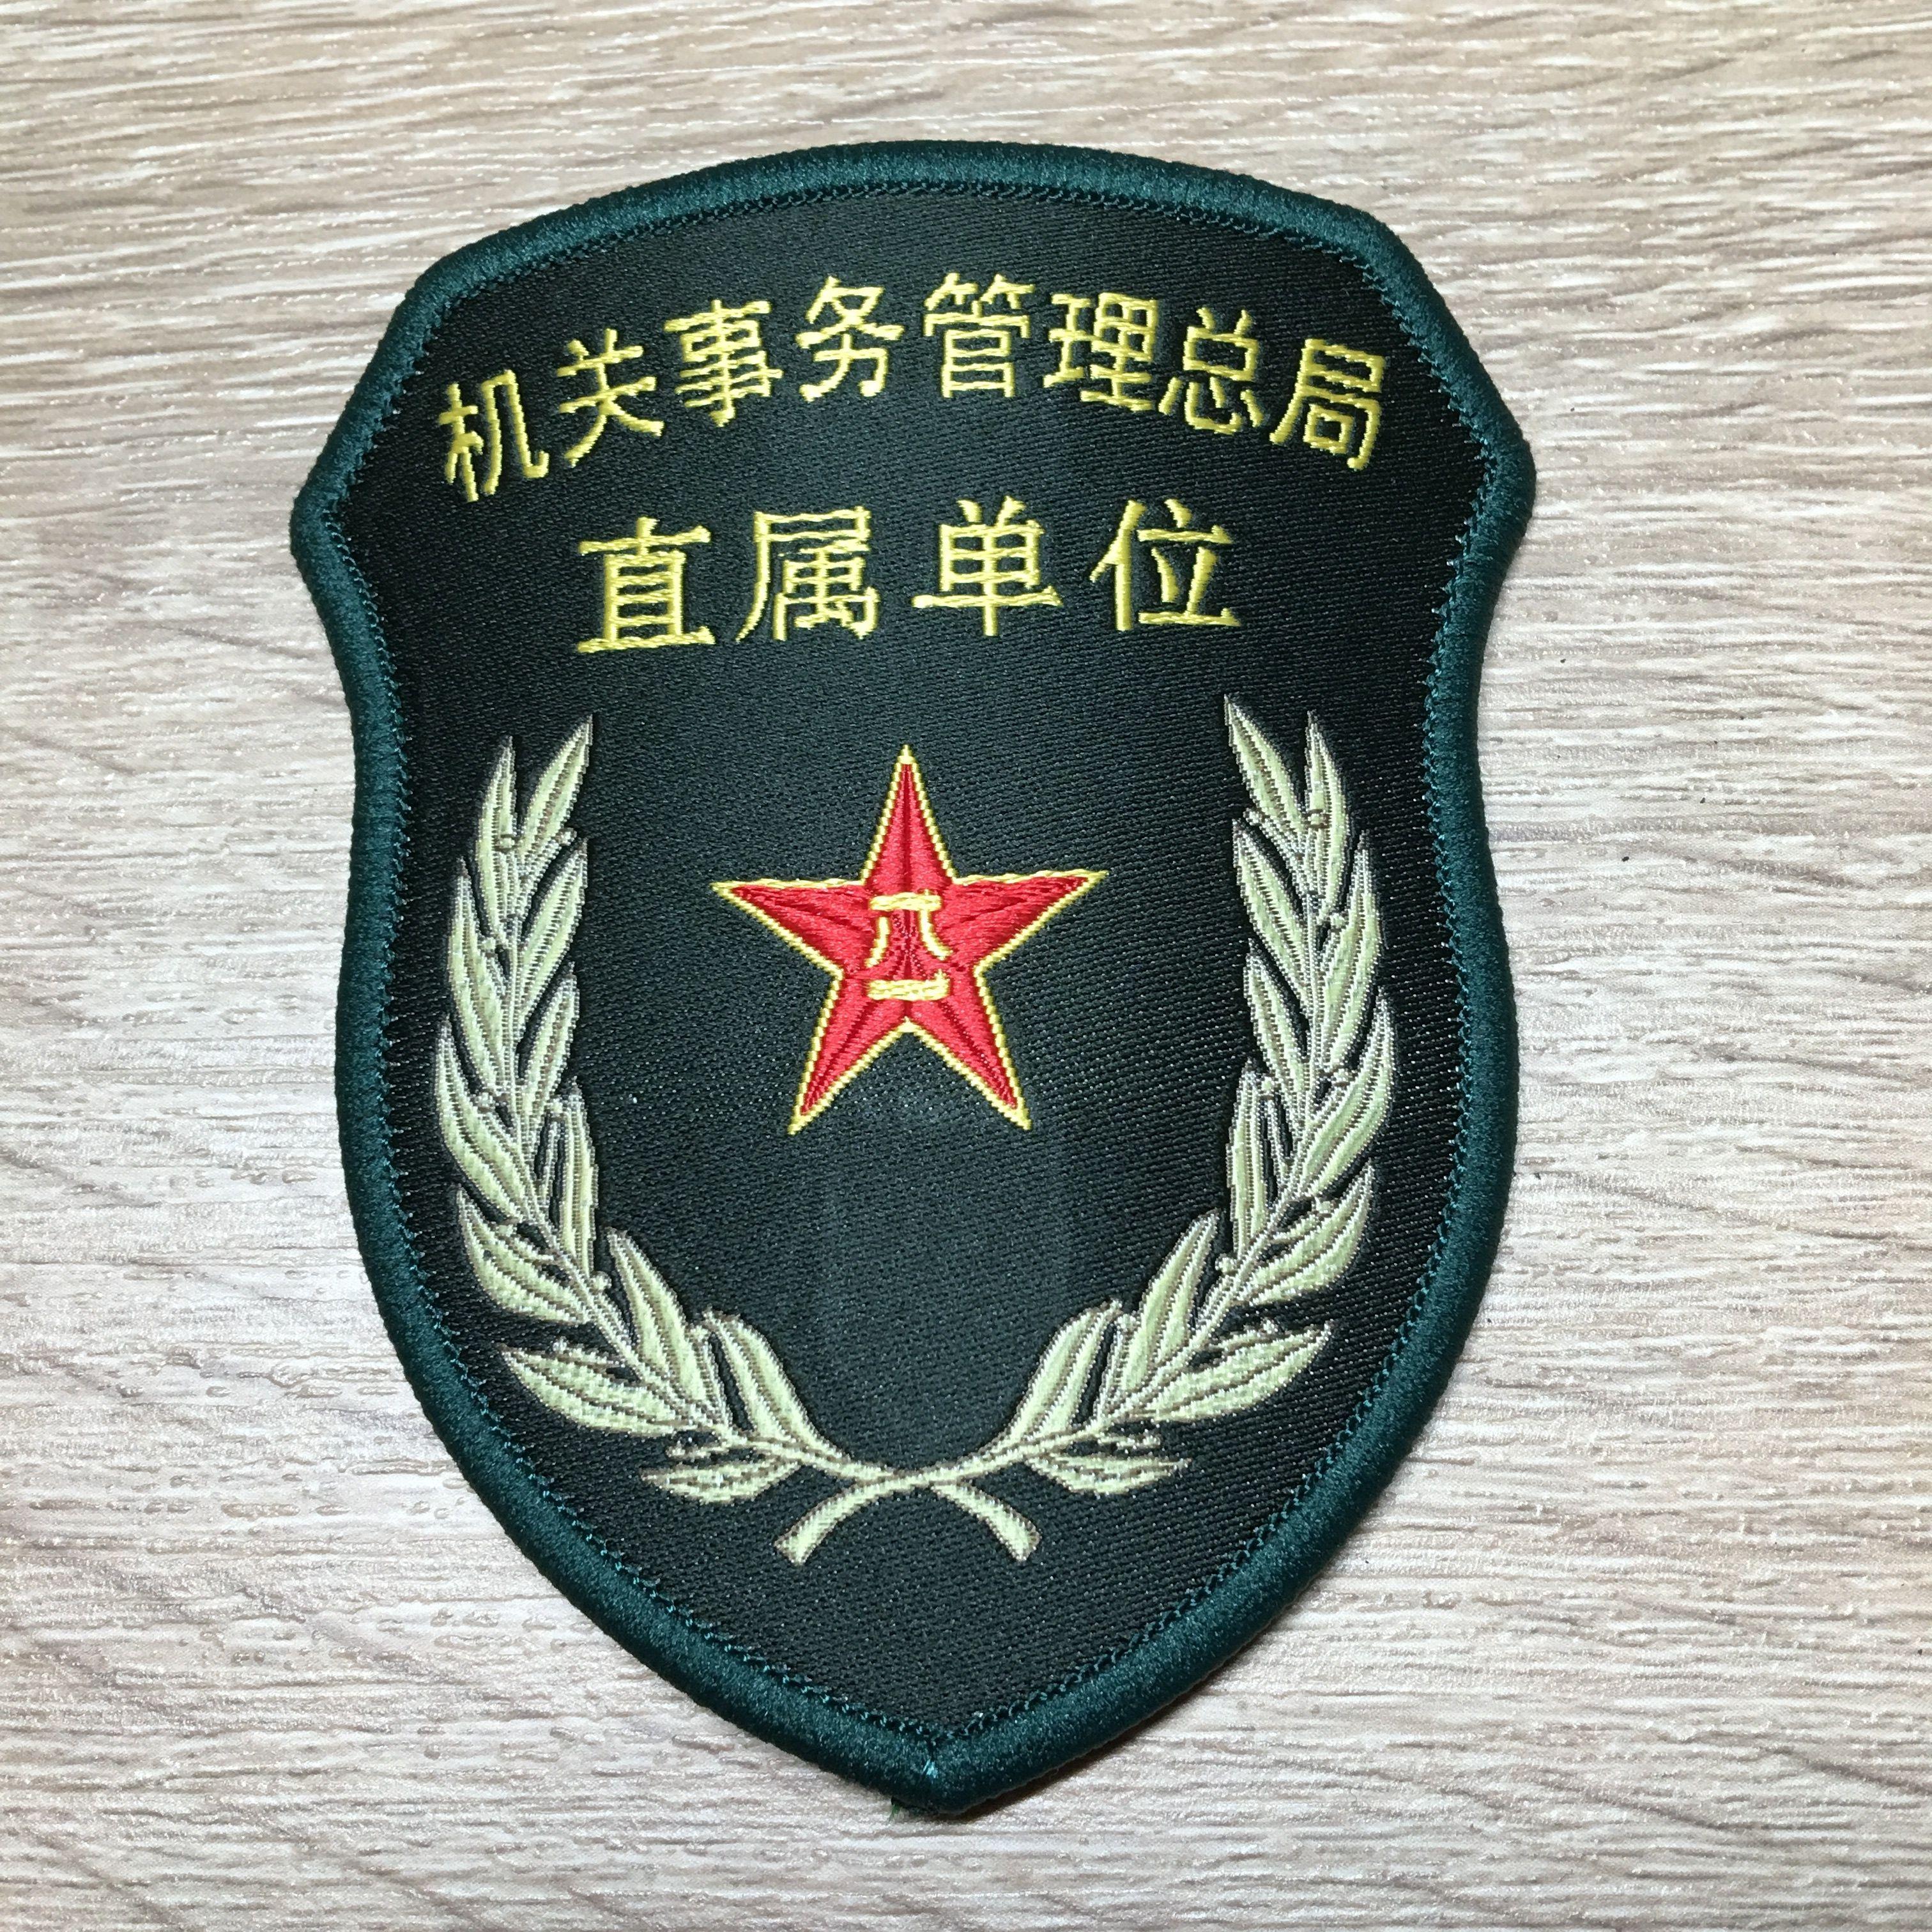 【機関事務管理総局 直属単位】中国人民解放軍 15式 中央軍委部隊章